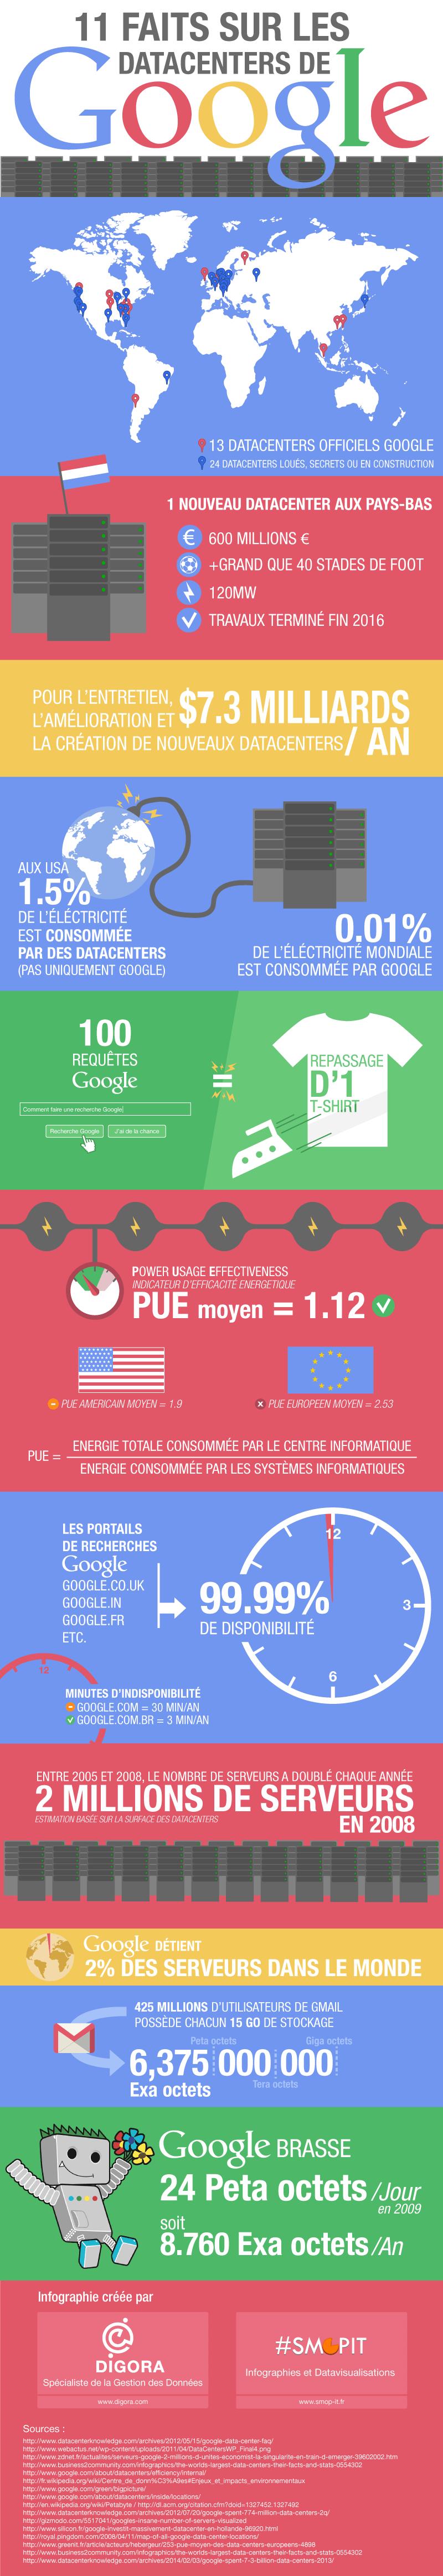 Infographie : 11 faits sur les Datacenters de Google